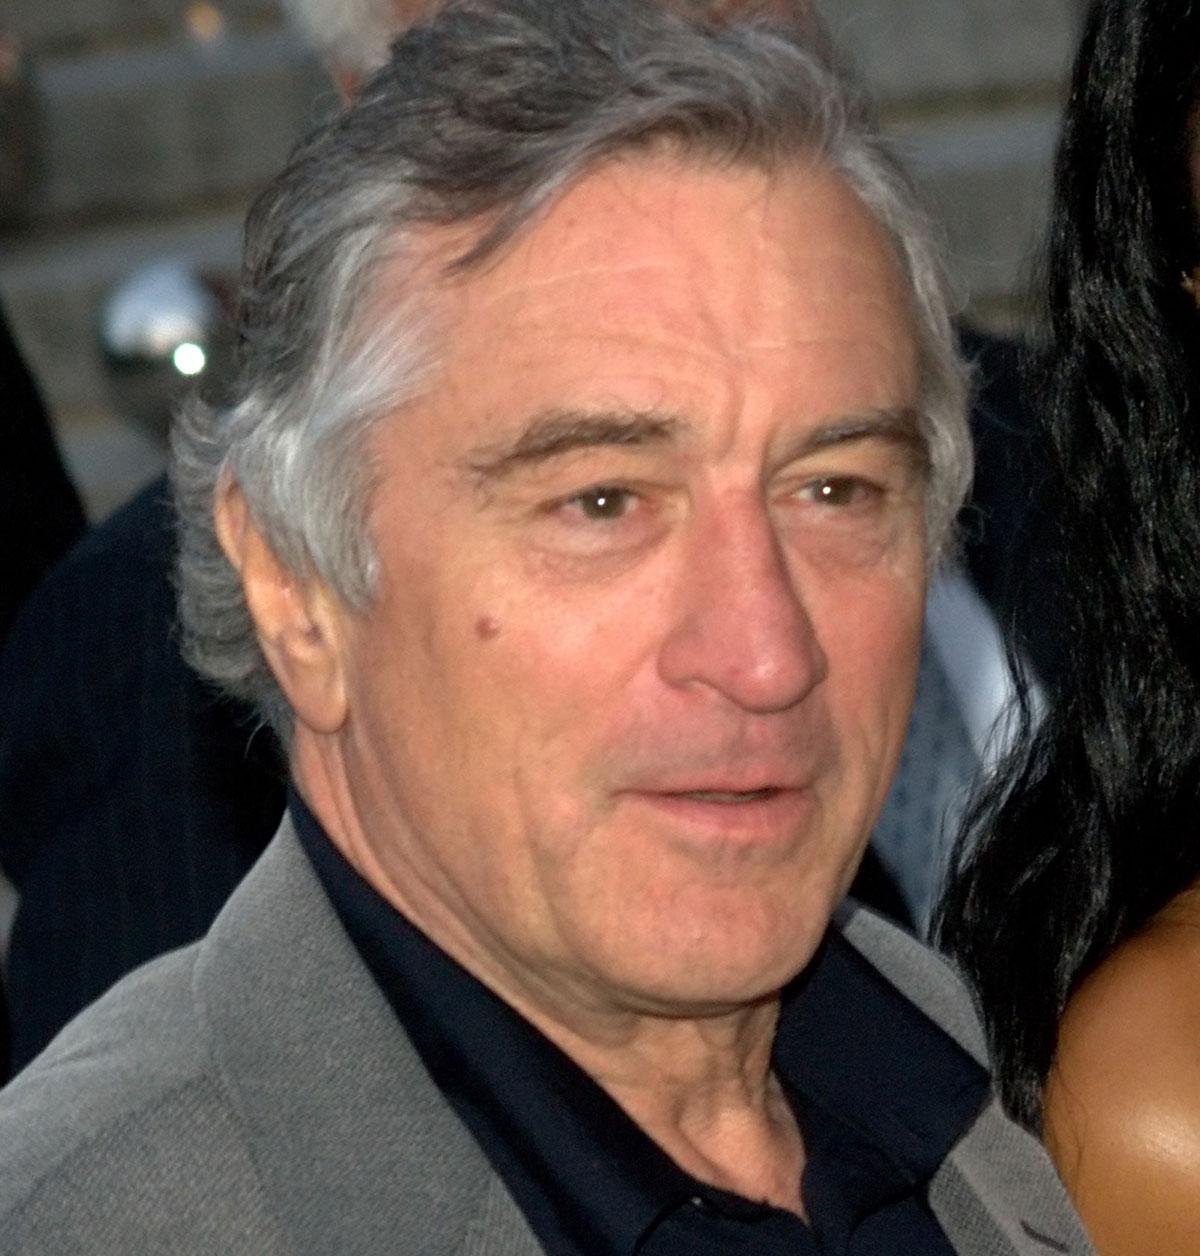 Robert De Niro visited in November Los Cabos Mexico